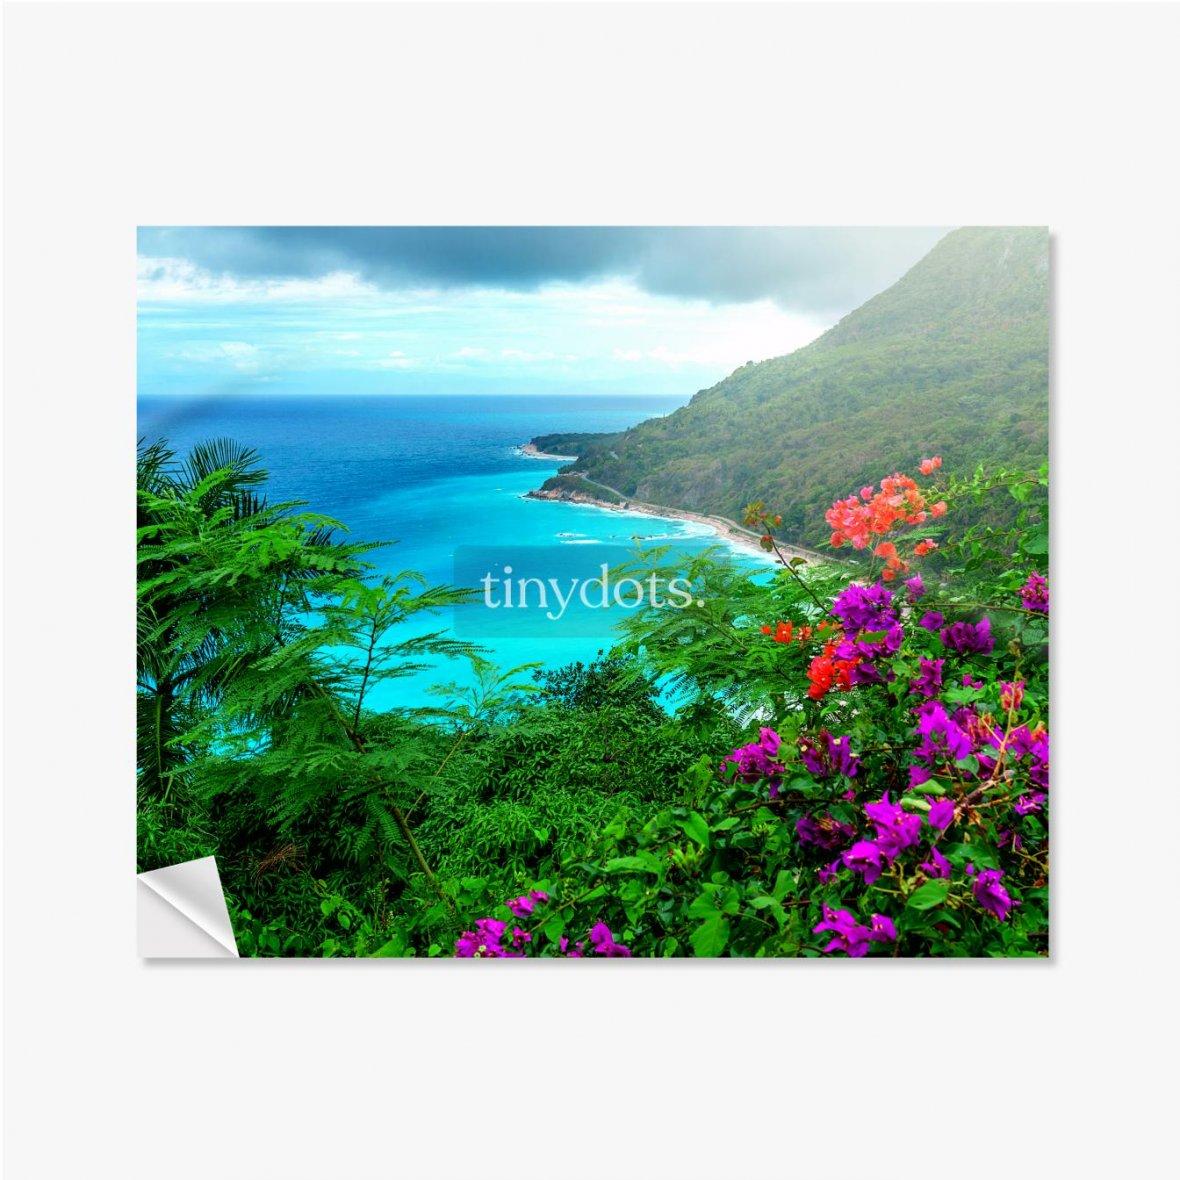 Selbstklebende Poster Herrliche karibische Landschaft